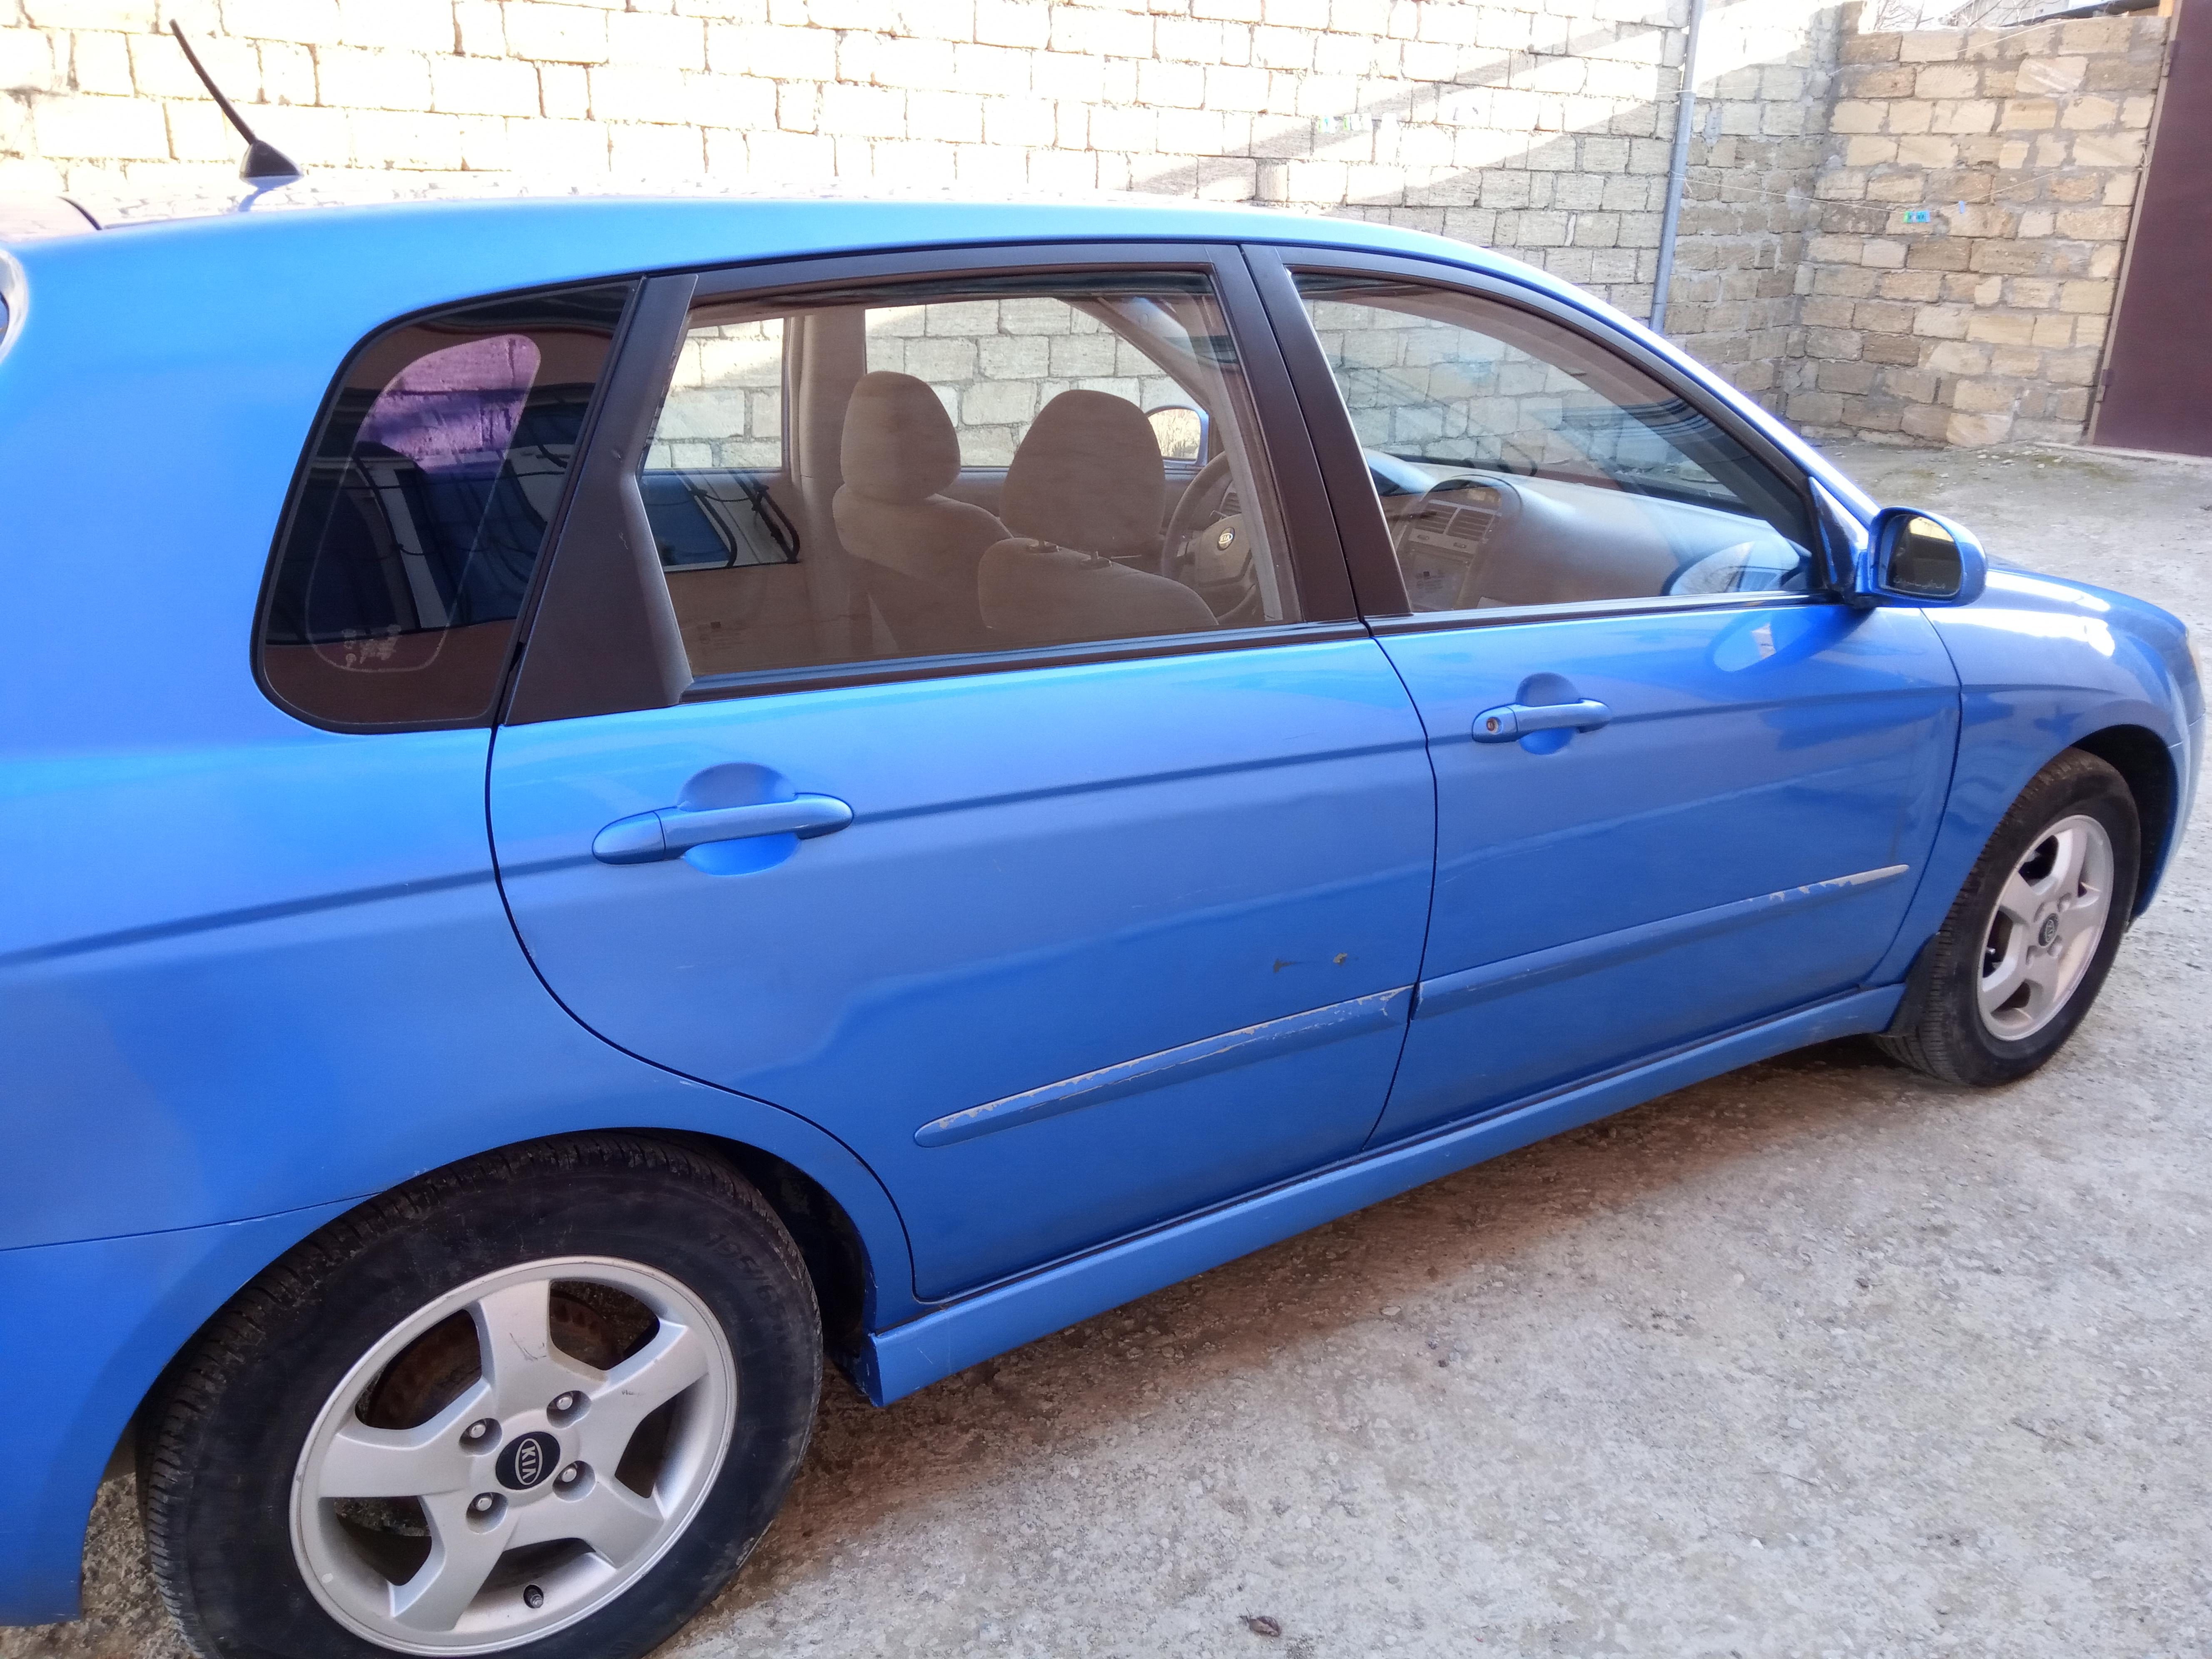 Kia Cerato 1.6(lt) 2005 Подержанный  $8500